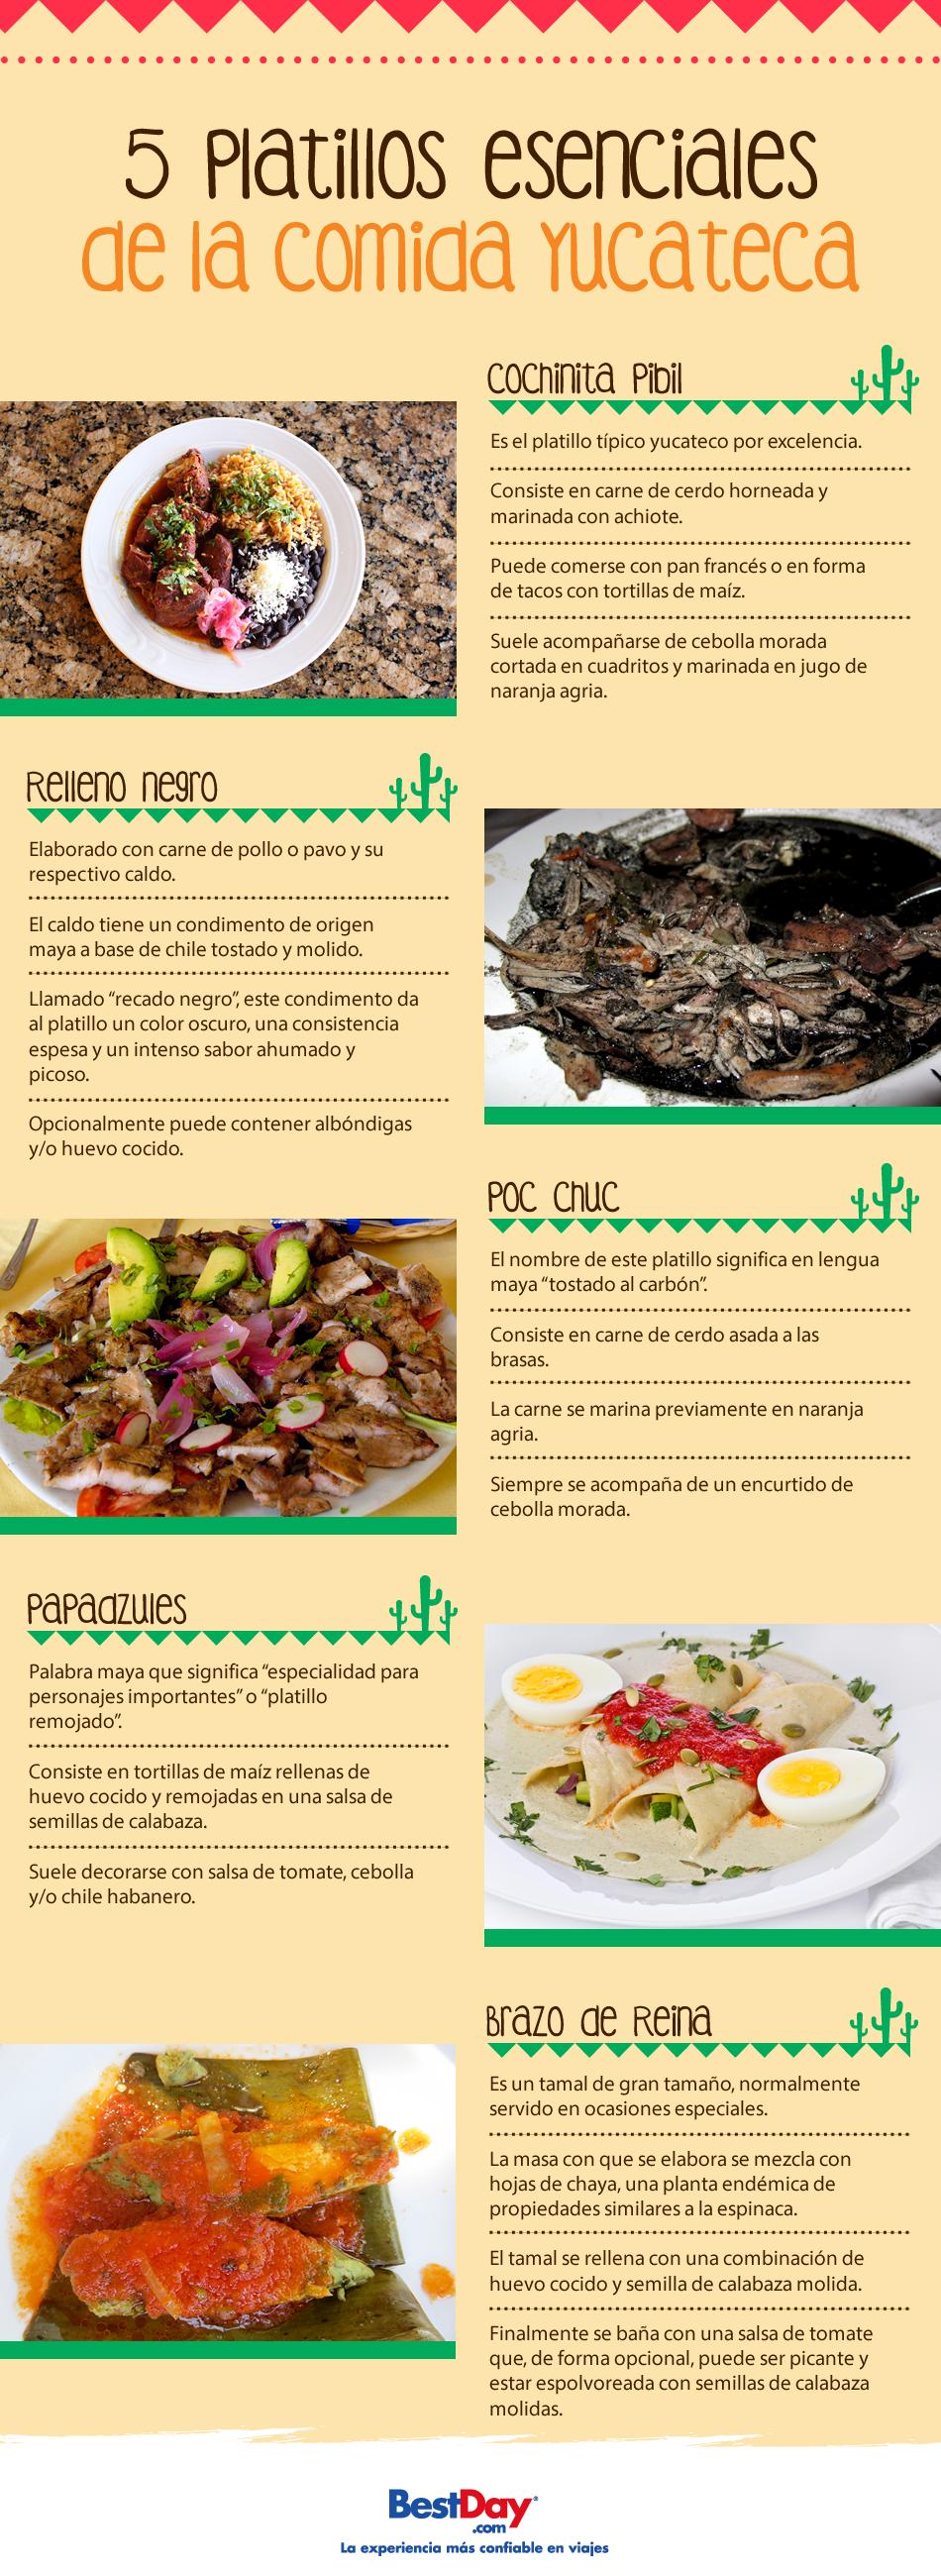 Seguro Has Oído Hablar De La Famosa Comida Yucateca Descubre Los Fascinantes Platillos Que Estado Pued Comida Yucateca Comida Tipica De Mexico Comida Mexicana